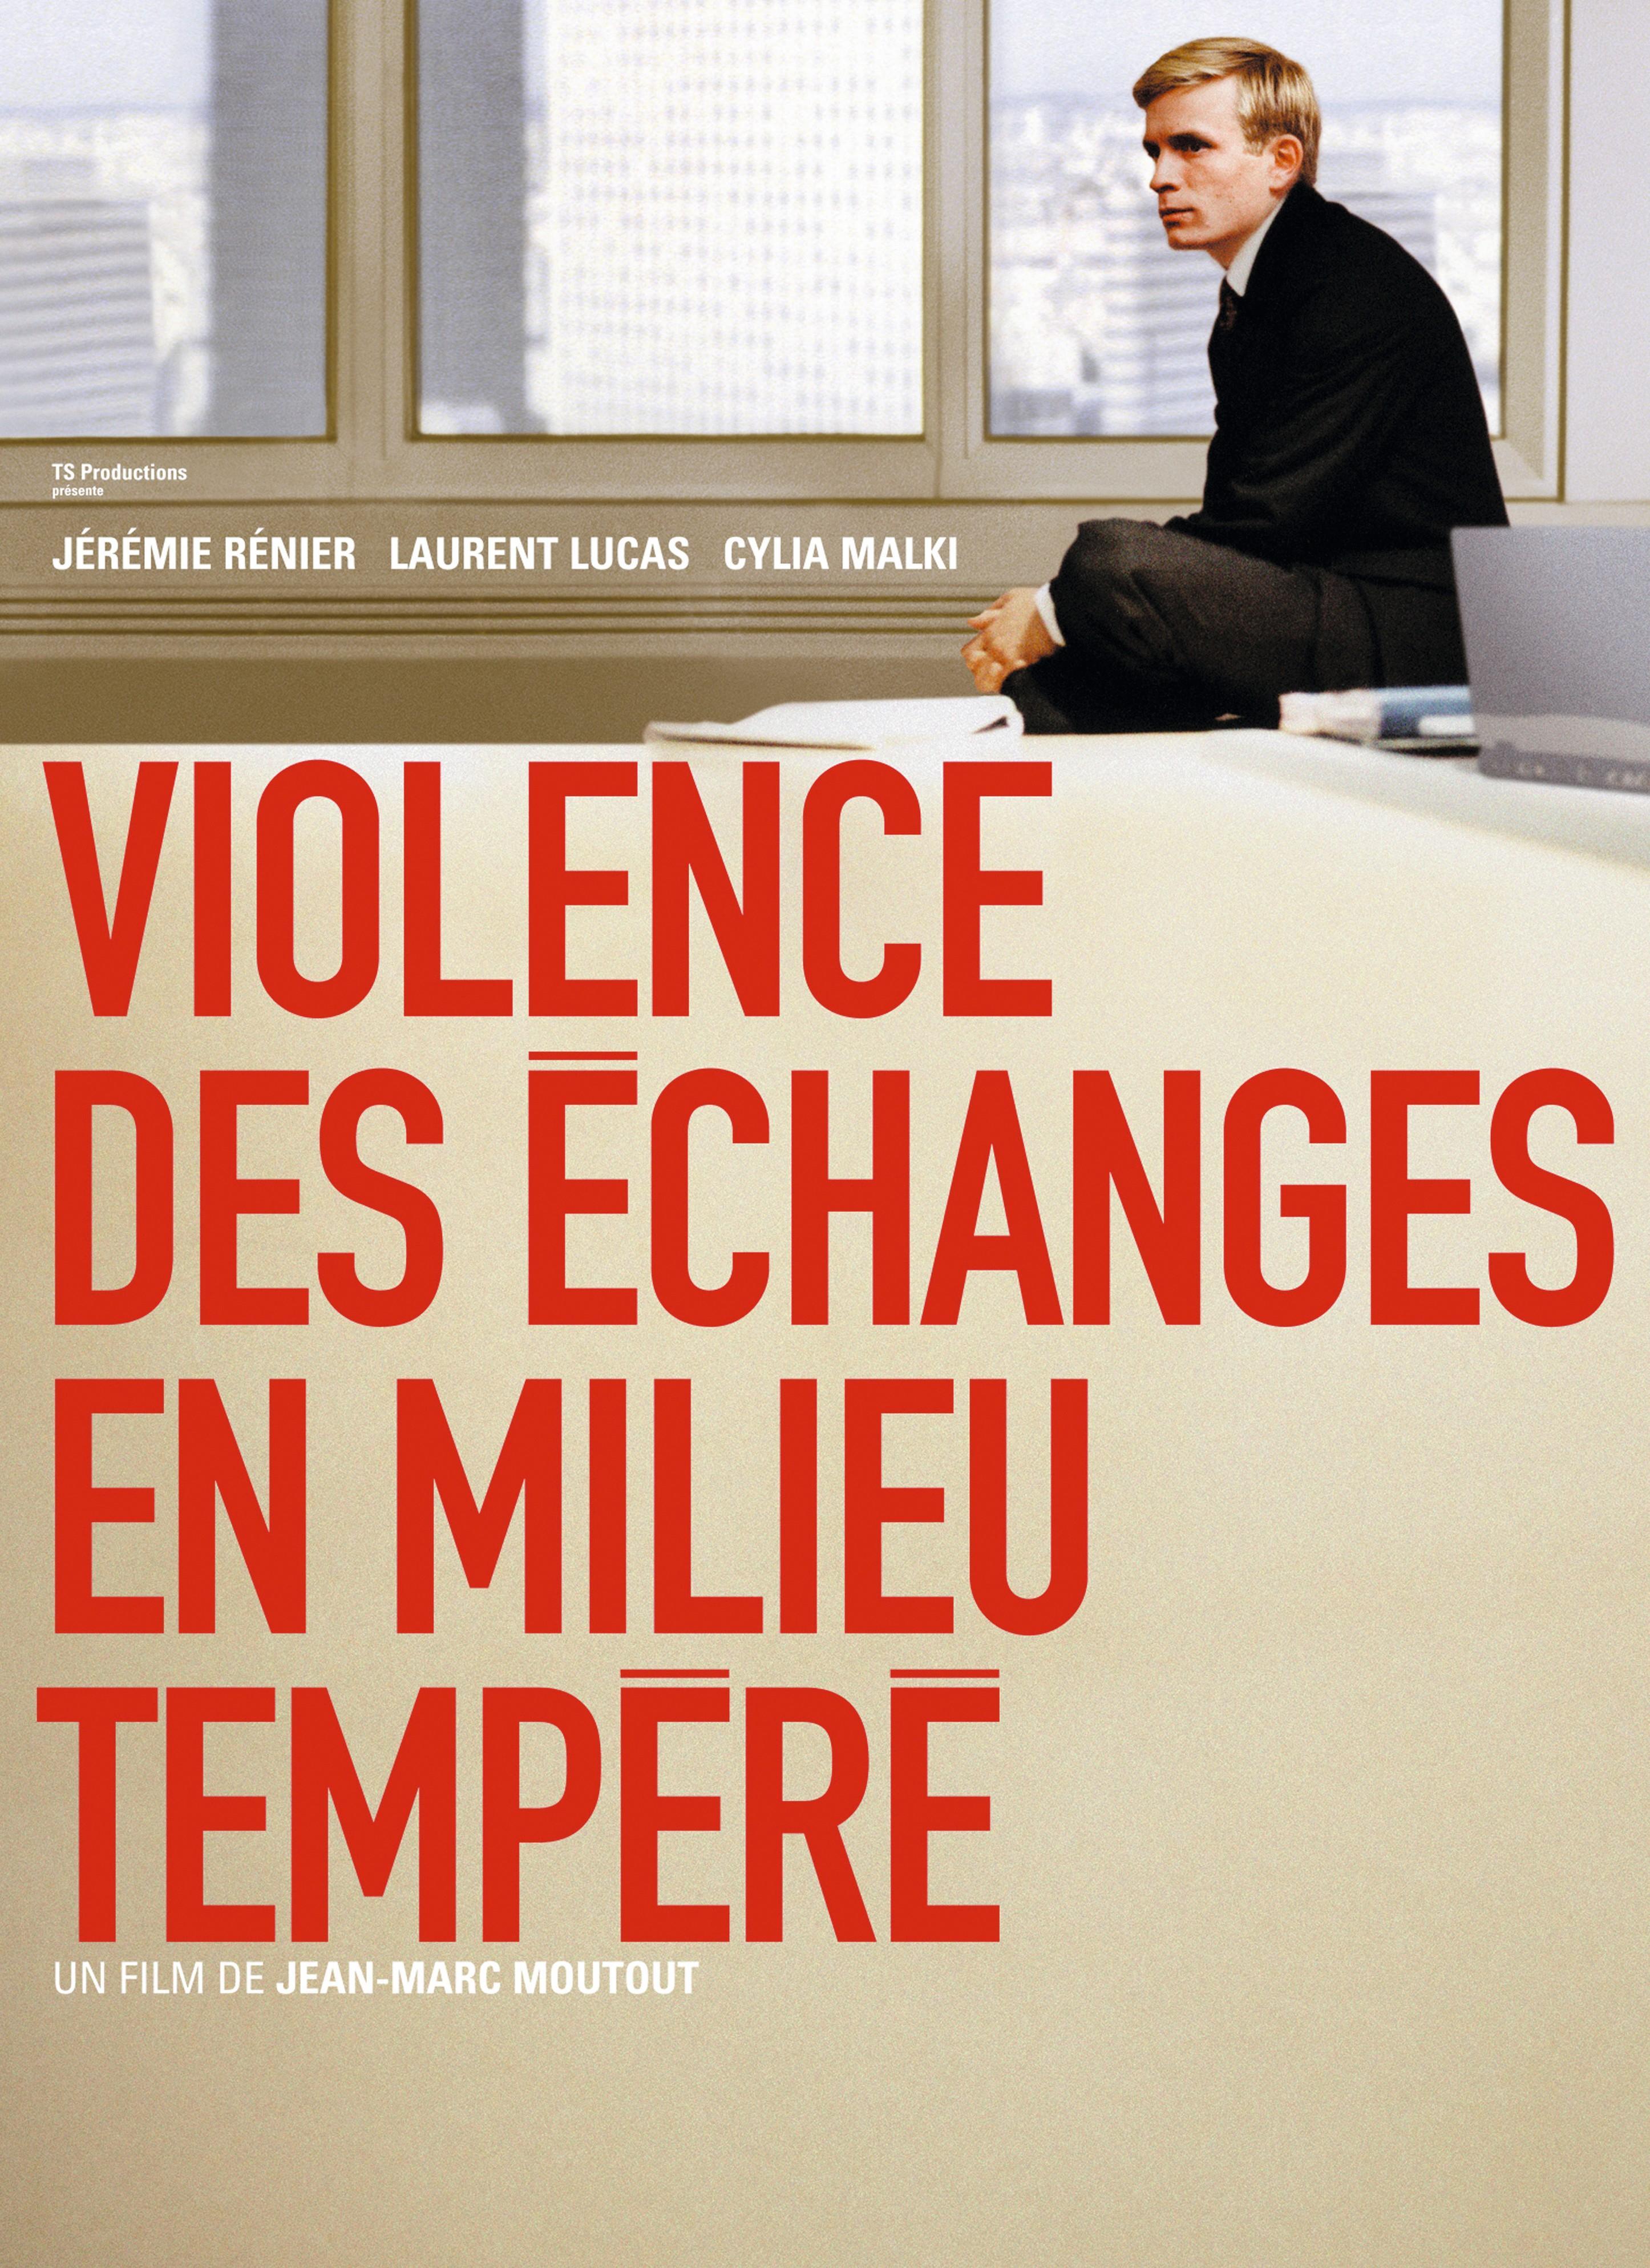 Violence des échanges en milieu tempéré, de Jean-Marc Moutout, 2004.